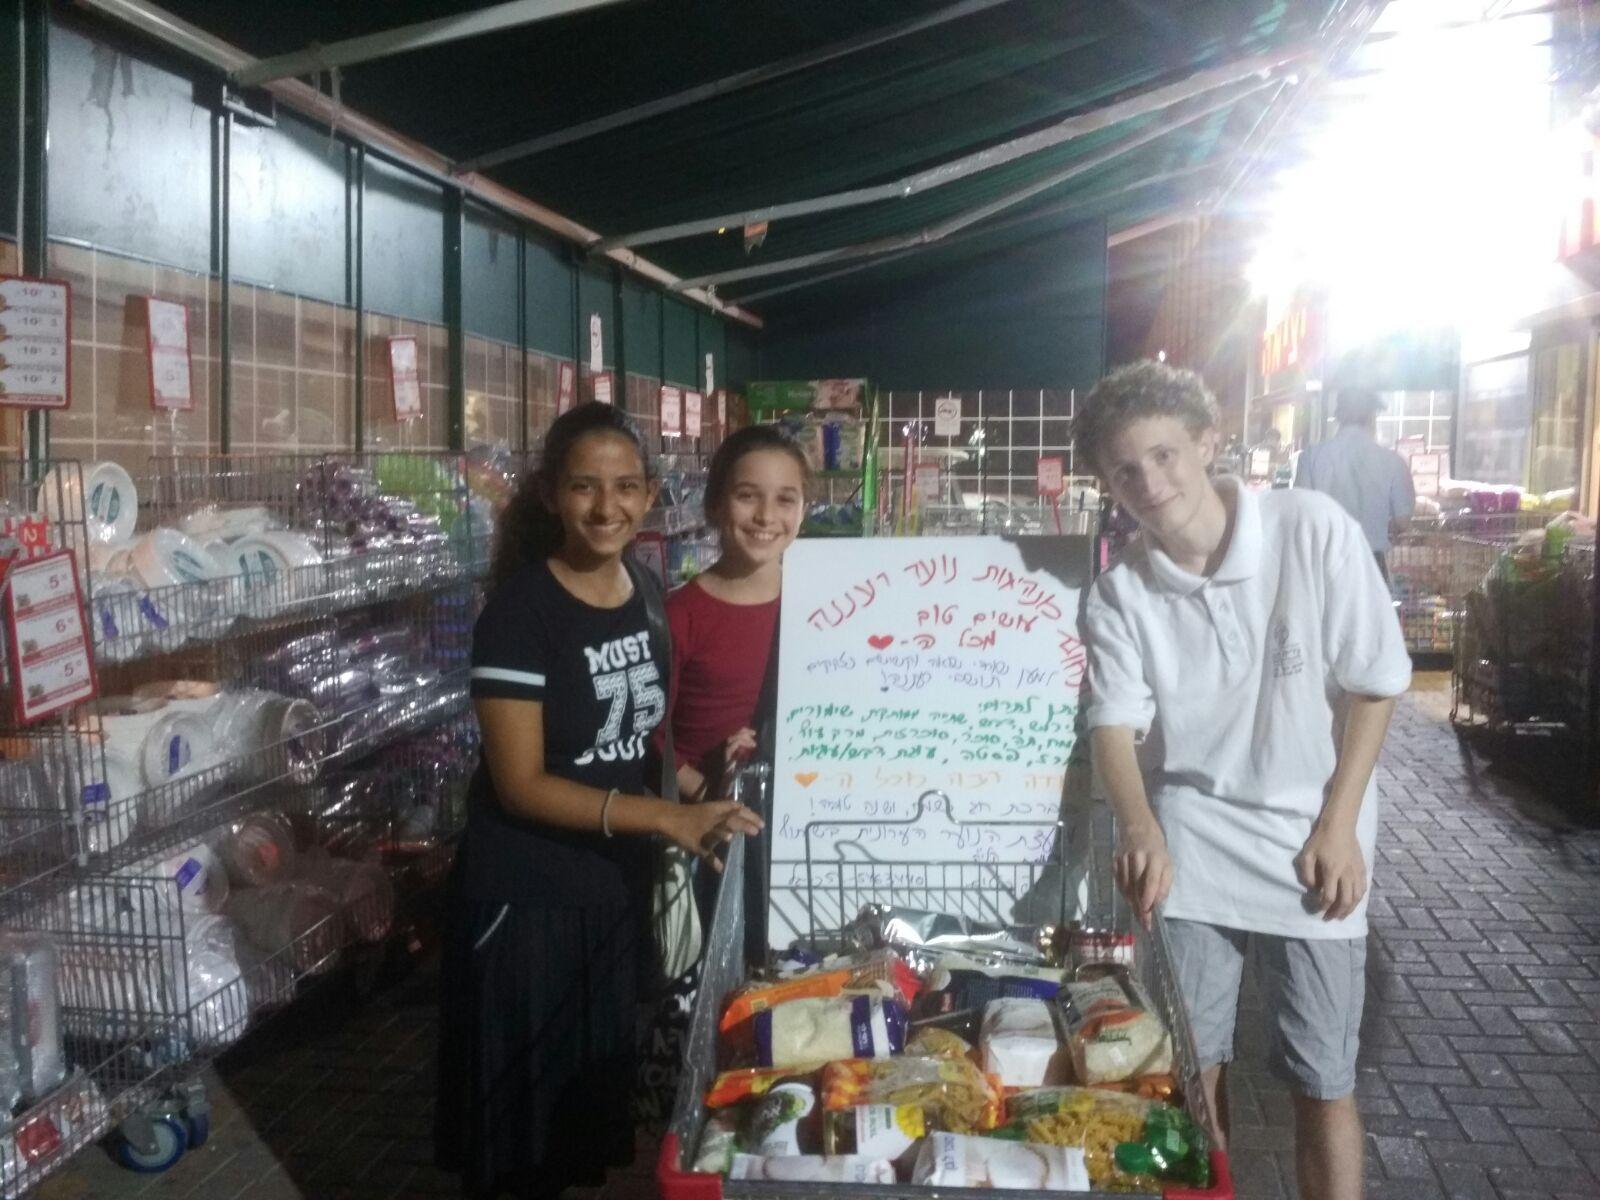 חלוקת חבילות מזון בראש השנה לשורדי שואה ולקשישים נזקקים